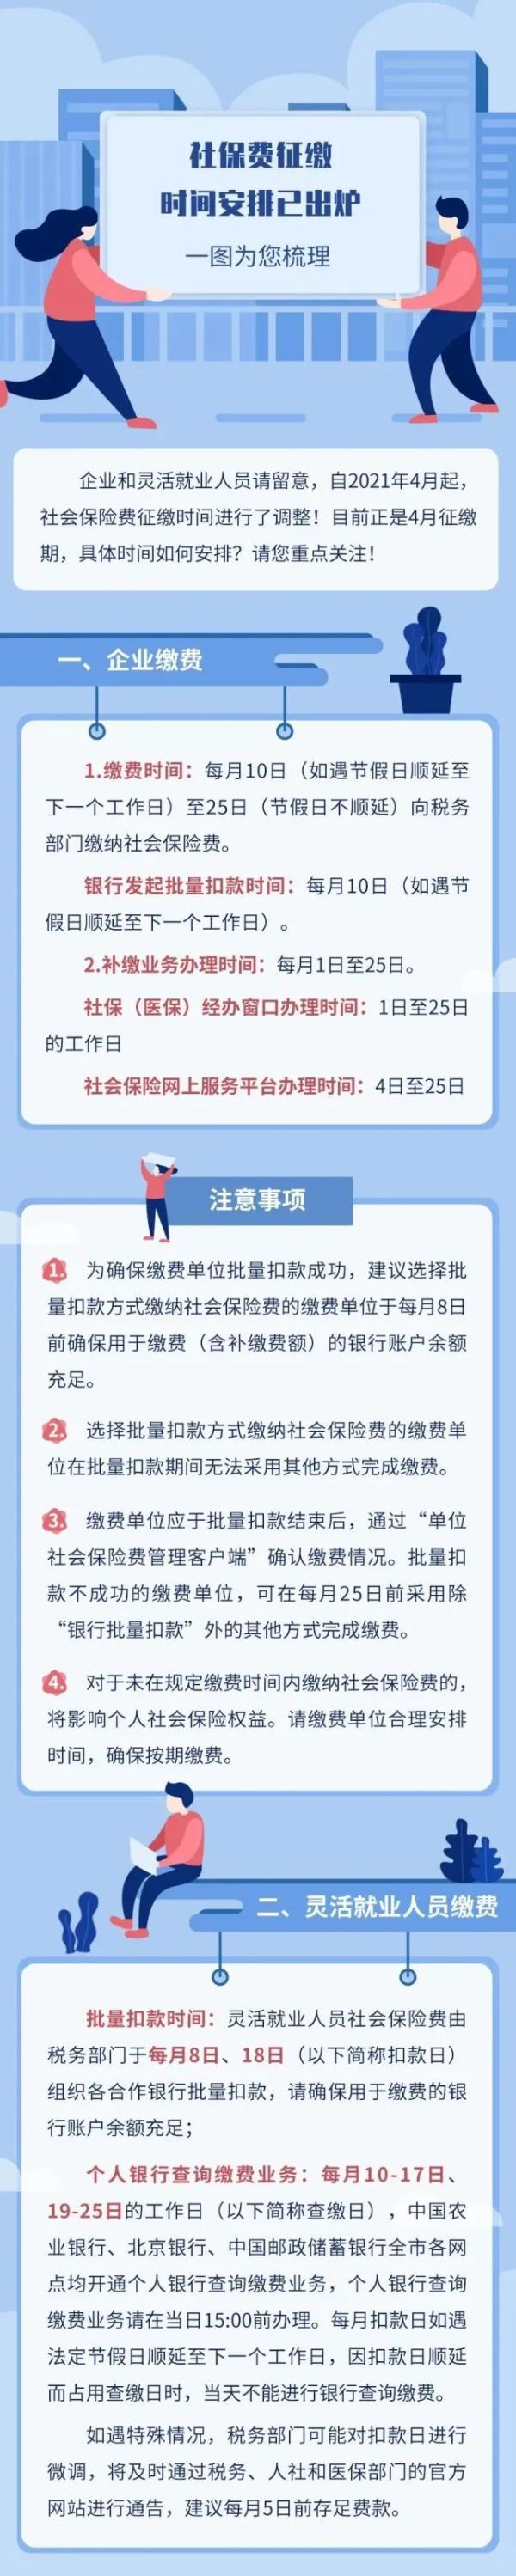 4月起北京社保征缴时间调整,一图看懂